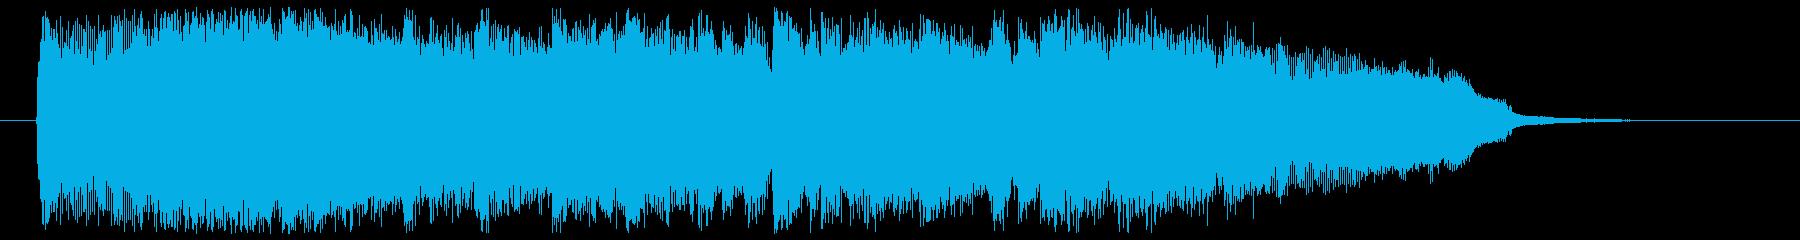 ムーディー&セクシーな大人のジングルの再生済みの波形